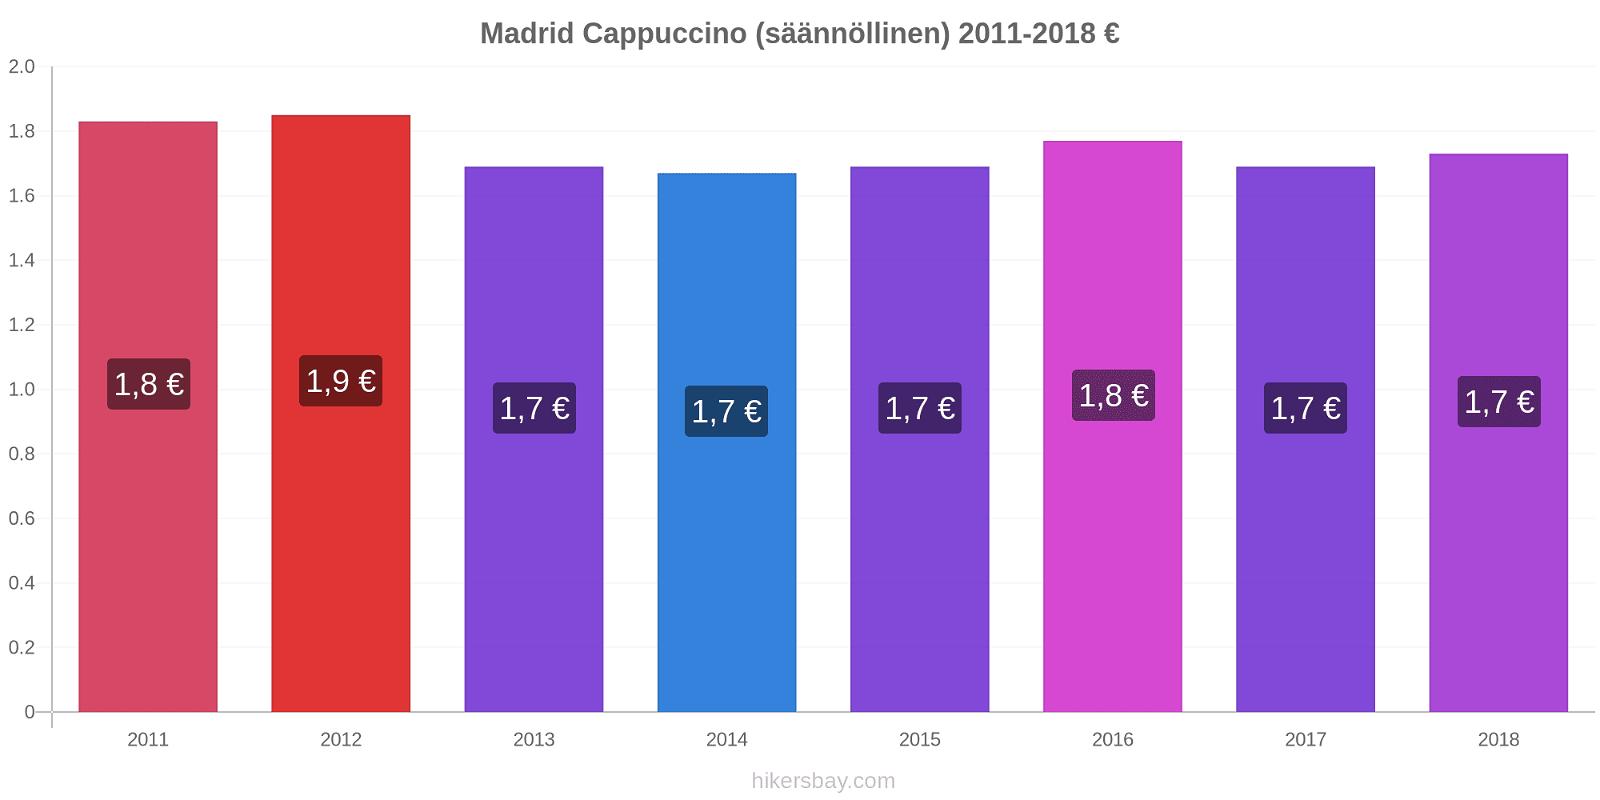 Madrid hintojen muutokset Cappuccino (säännöllinen) hikersbay.com